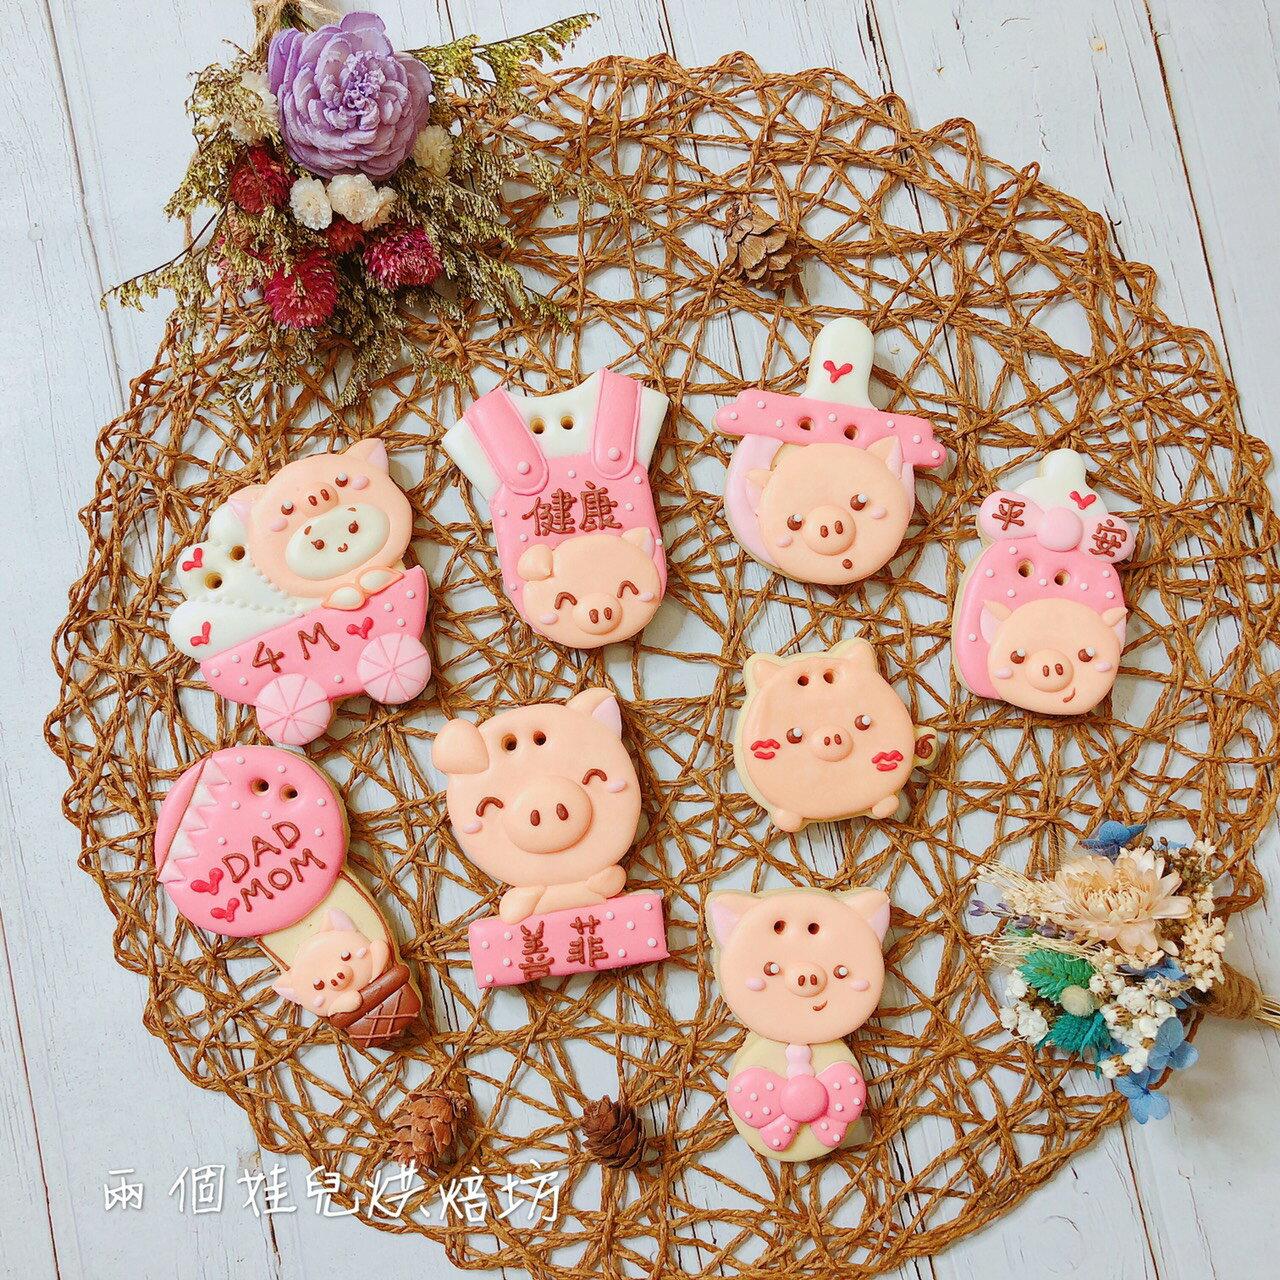 豬豬收涎餅乾 男寶豬豬糖霜收涎餅乾 女寶豬豬糖霜收涎餅乾